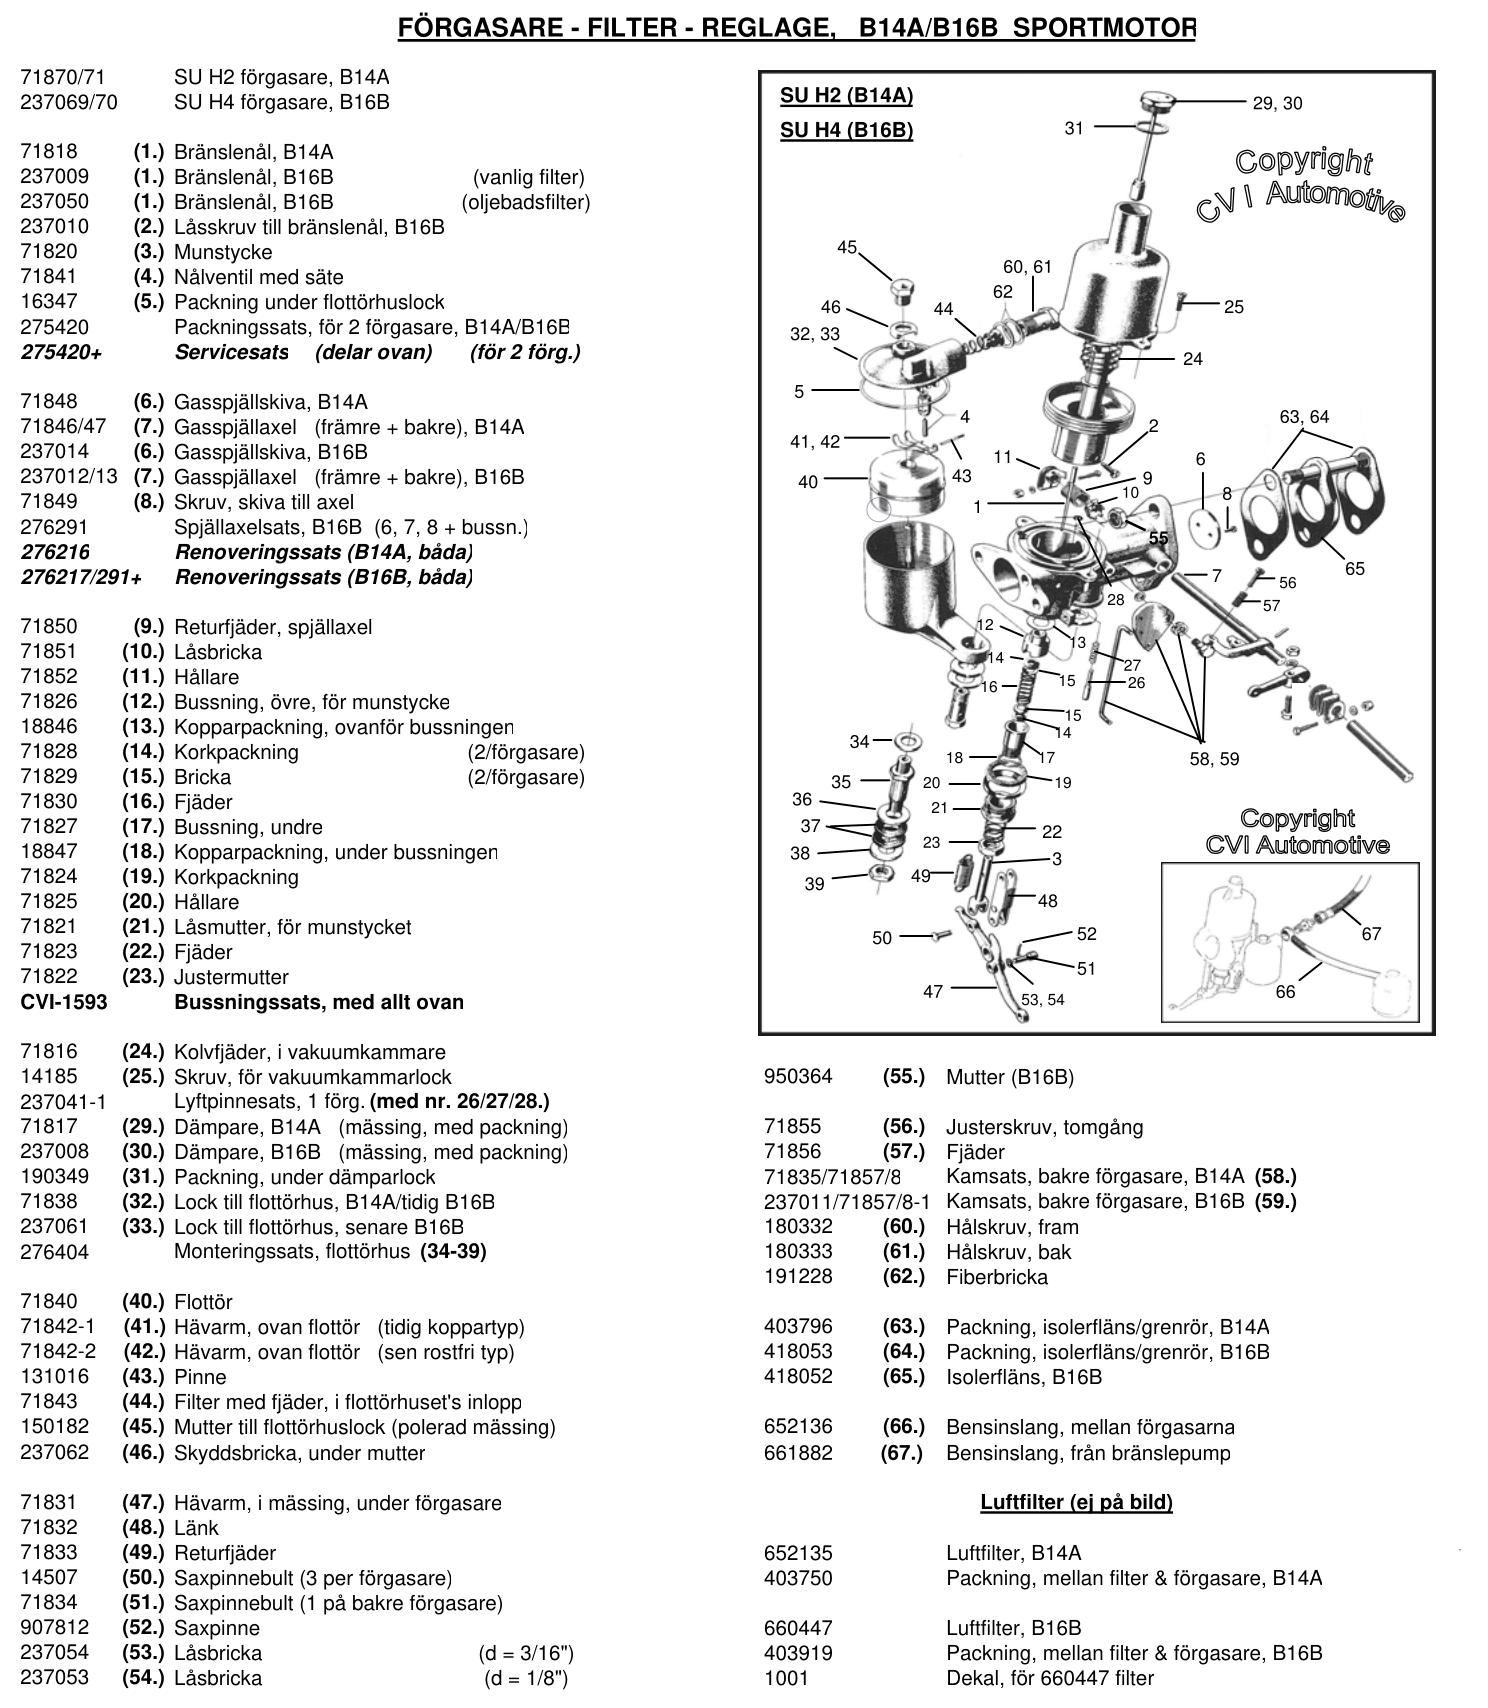 Sprängskiss - SU H2 och SU H4